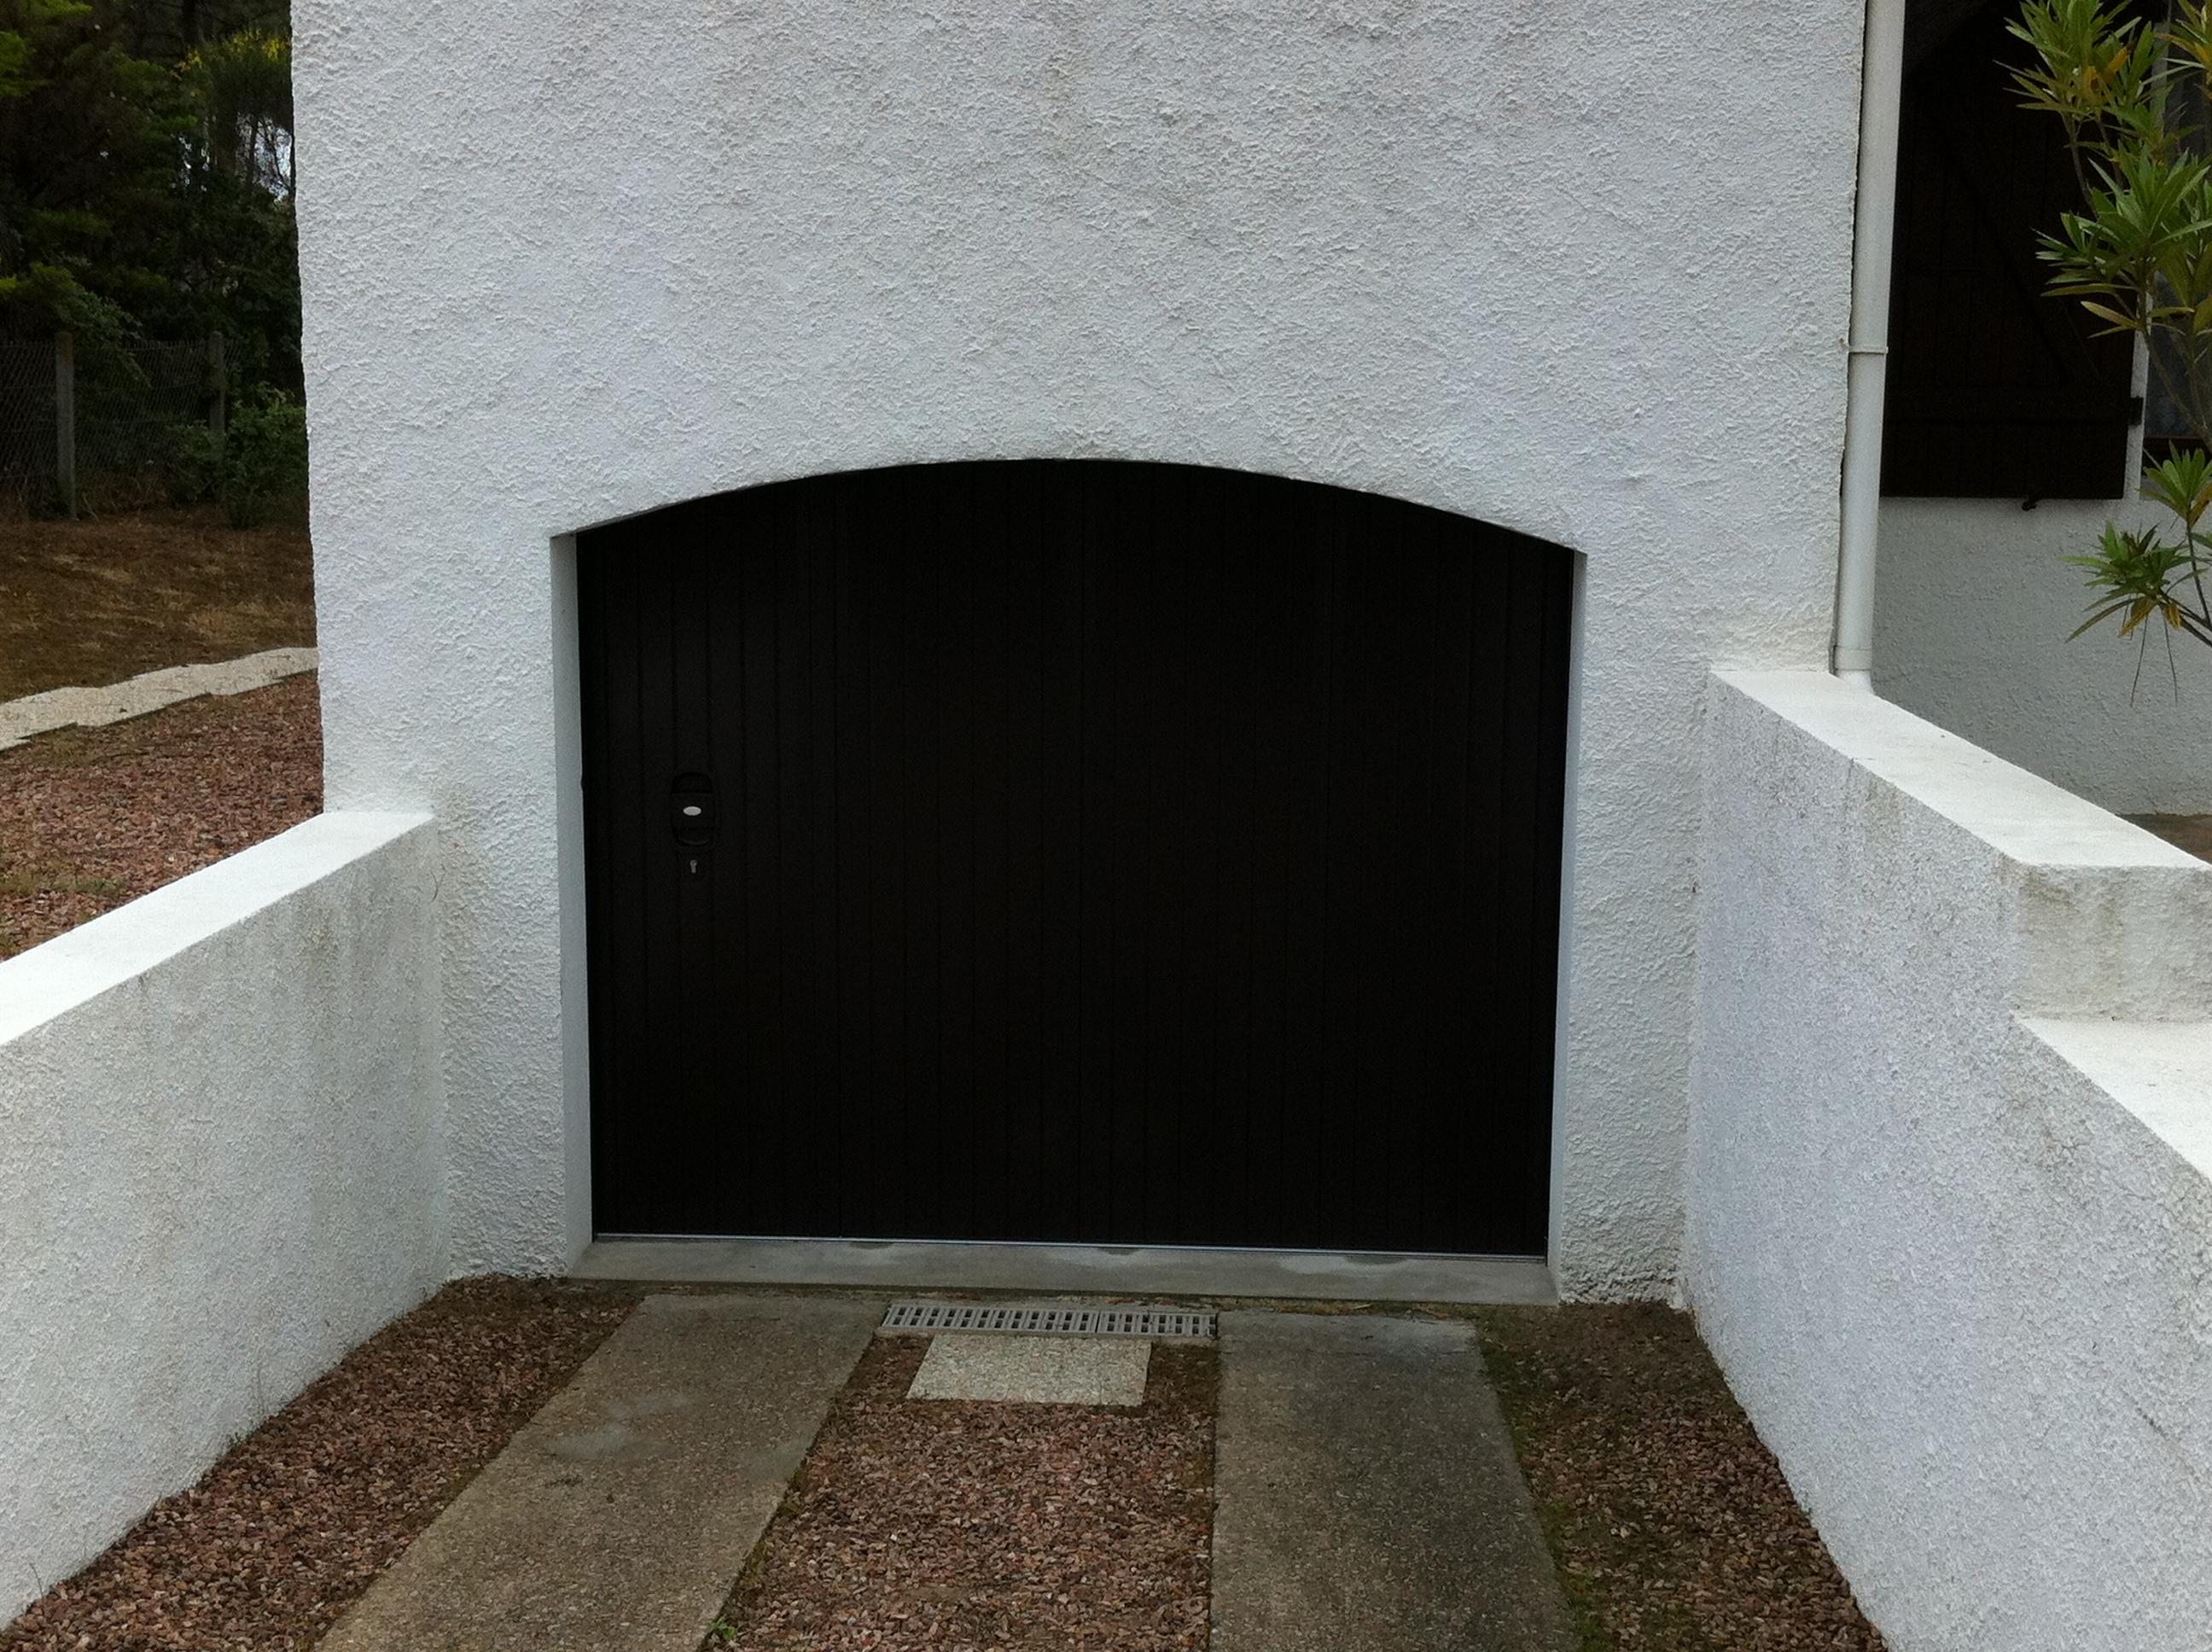 Fermetures, porte de garage, menuiserienFrérot à Sézanne dans la Marne, 51